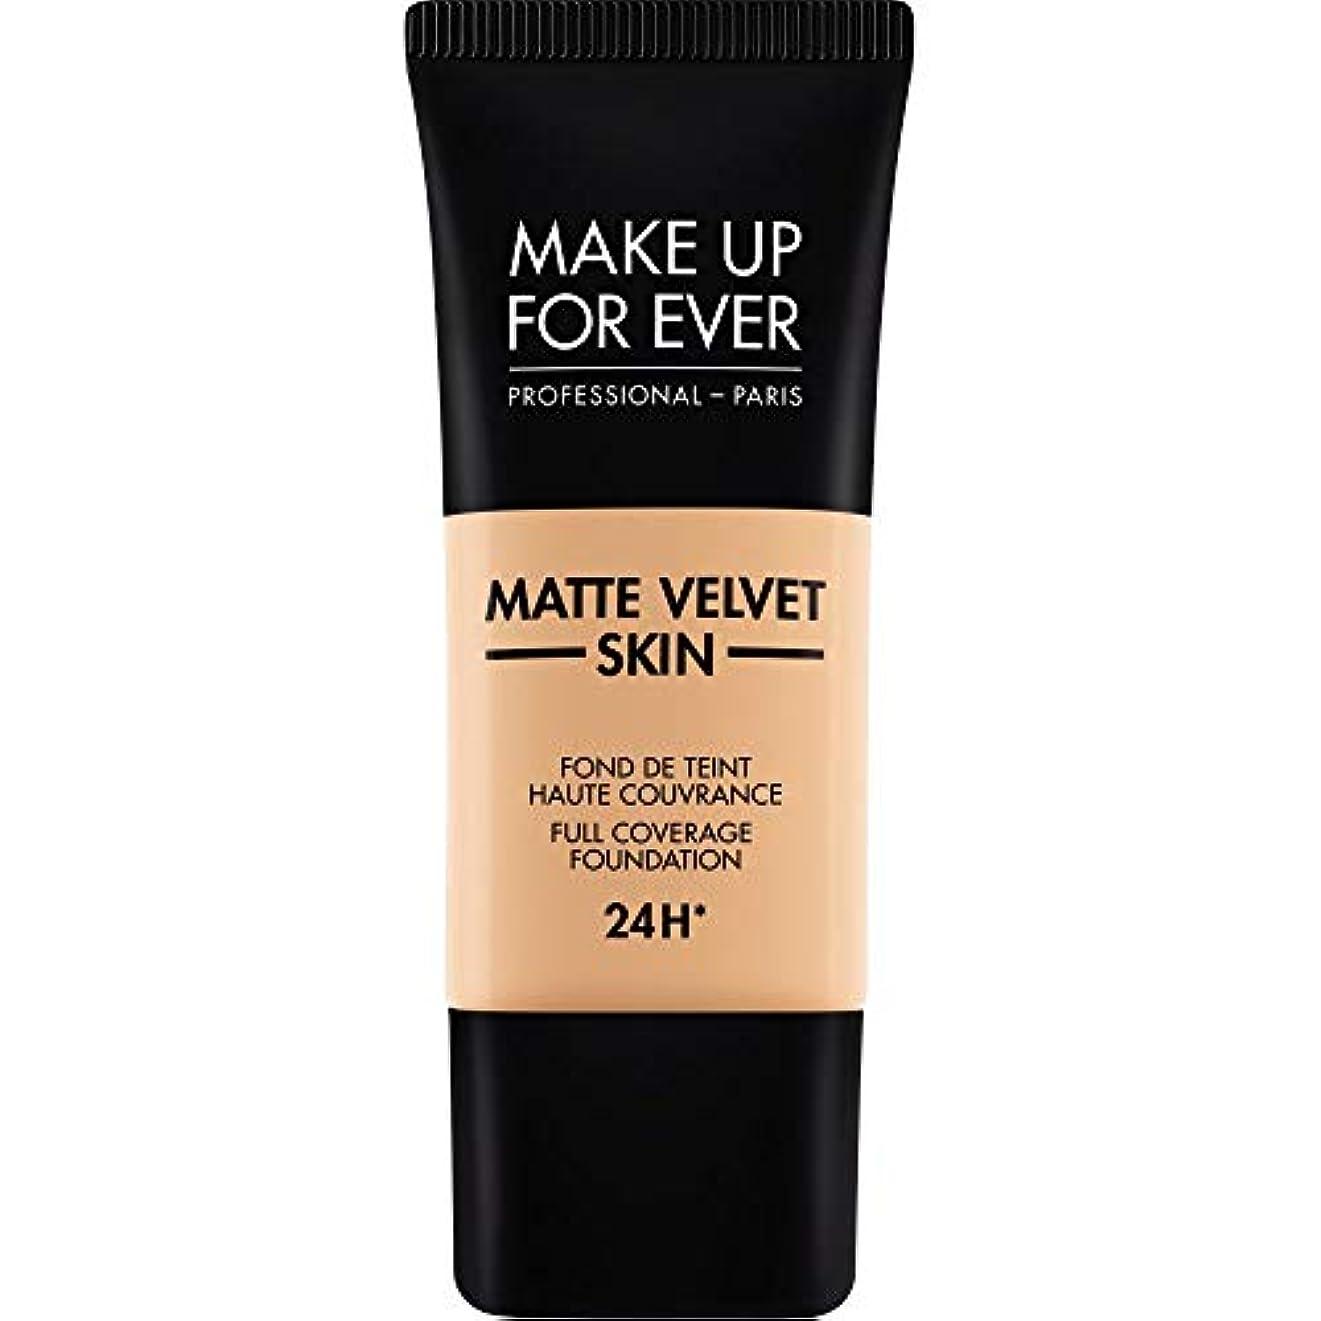 畝間ディレクタージム[MAKE UP FOR EVER] ソフトベージュ - これまでマットベルベットの皮膚のフルカバレッジ基礎30ミリリットルのY305を補います - MAKE UP FOR EVER Matte Velvet Skin...